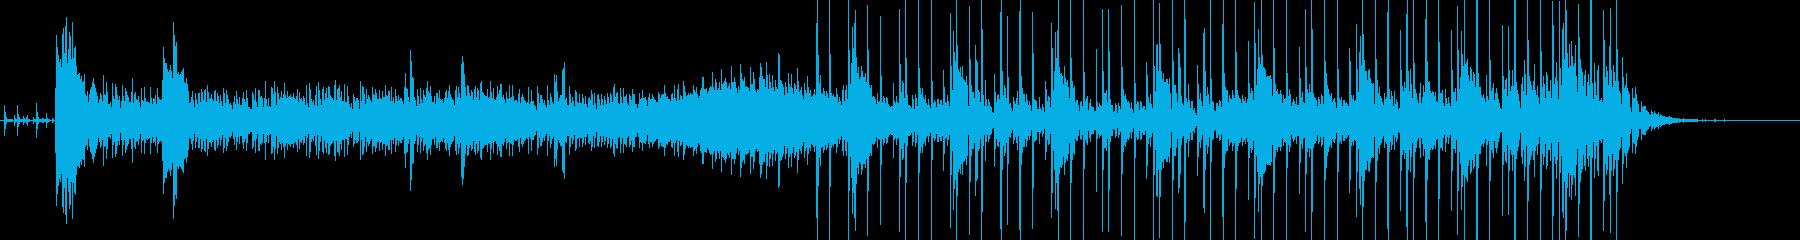 惑星に到着したインパクトのイメージの再生済みの波形